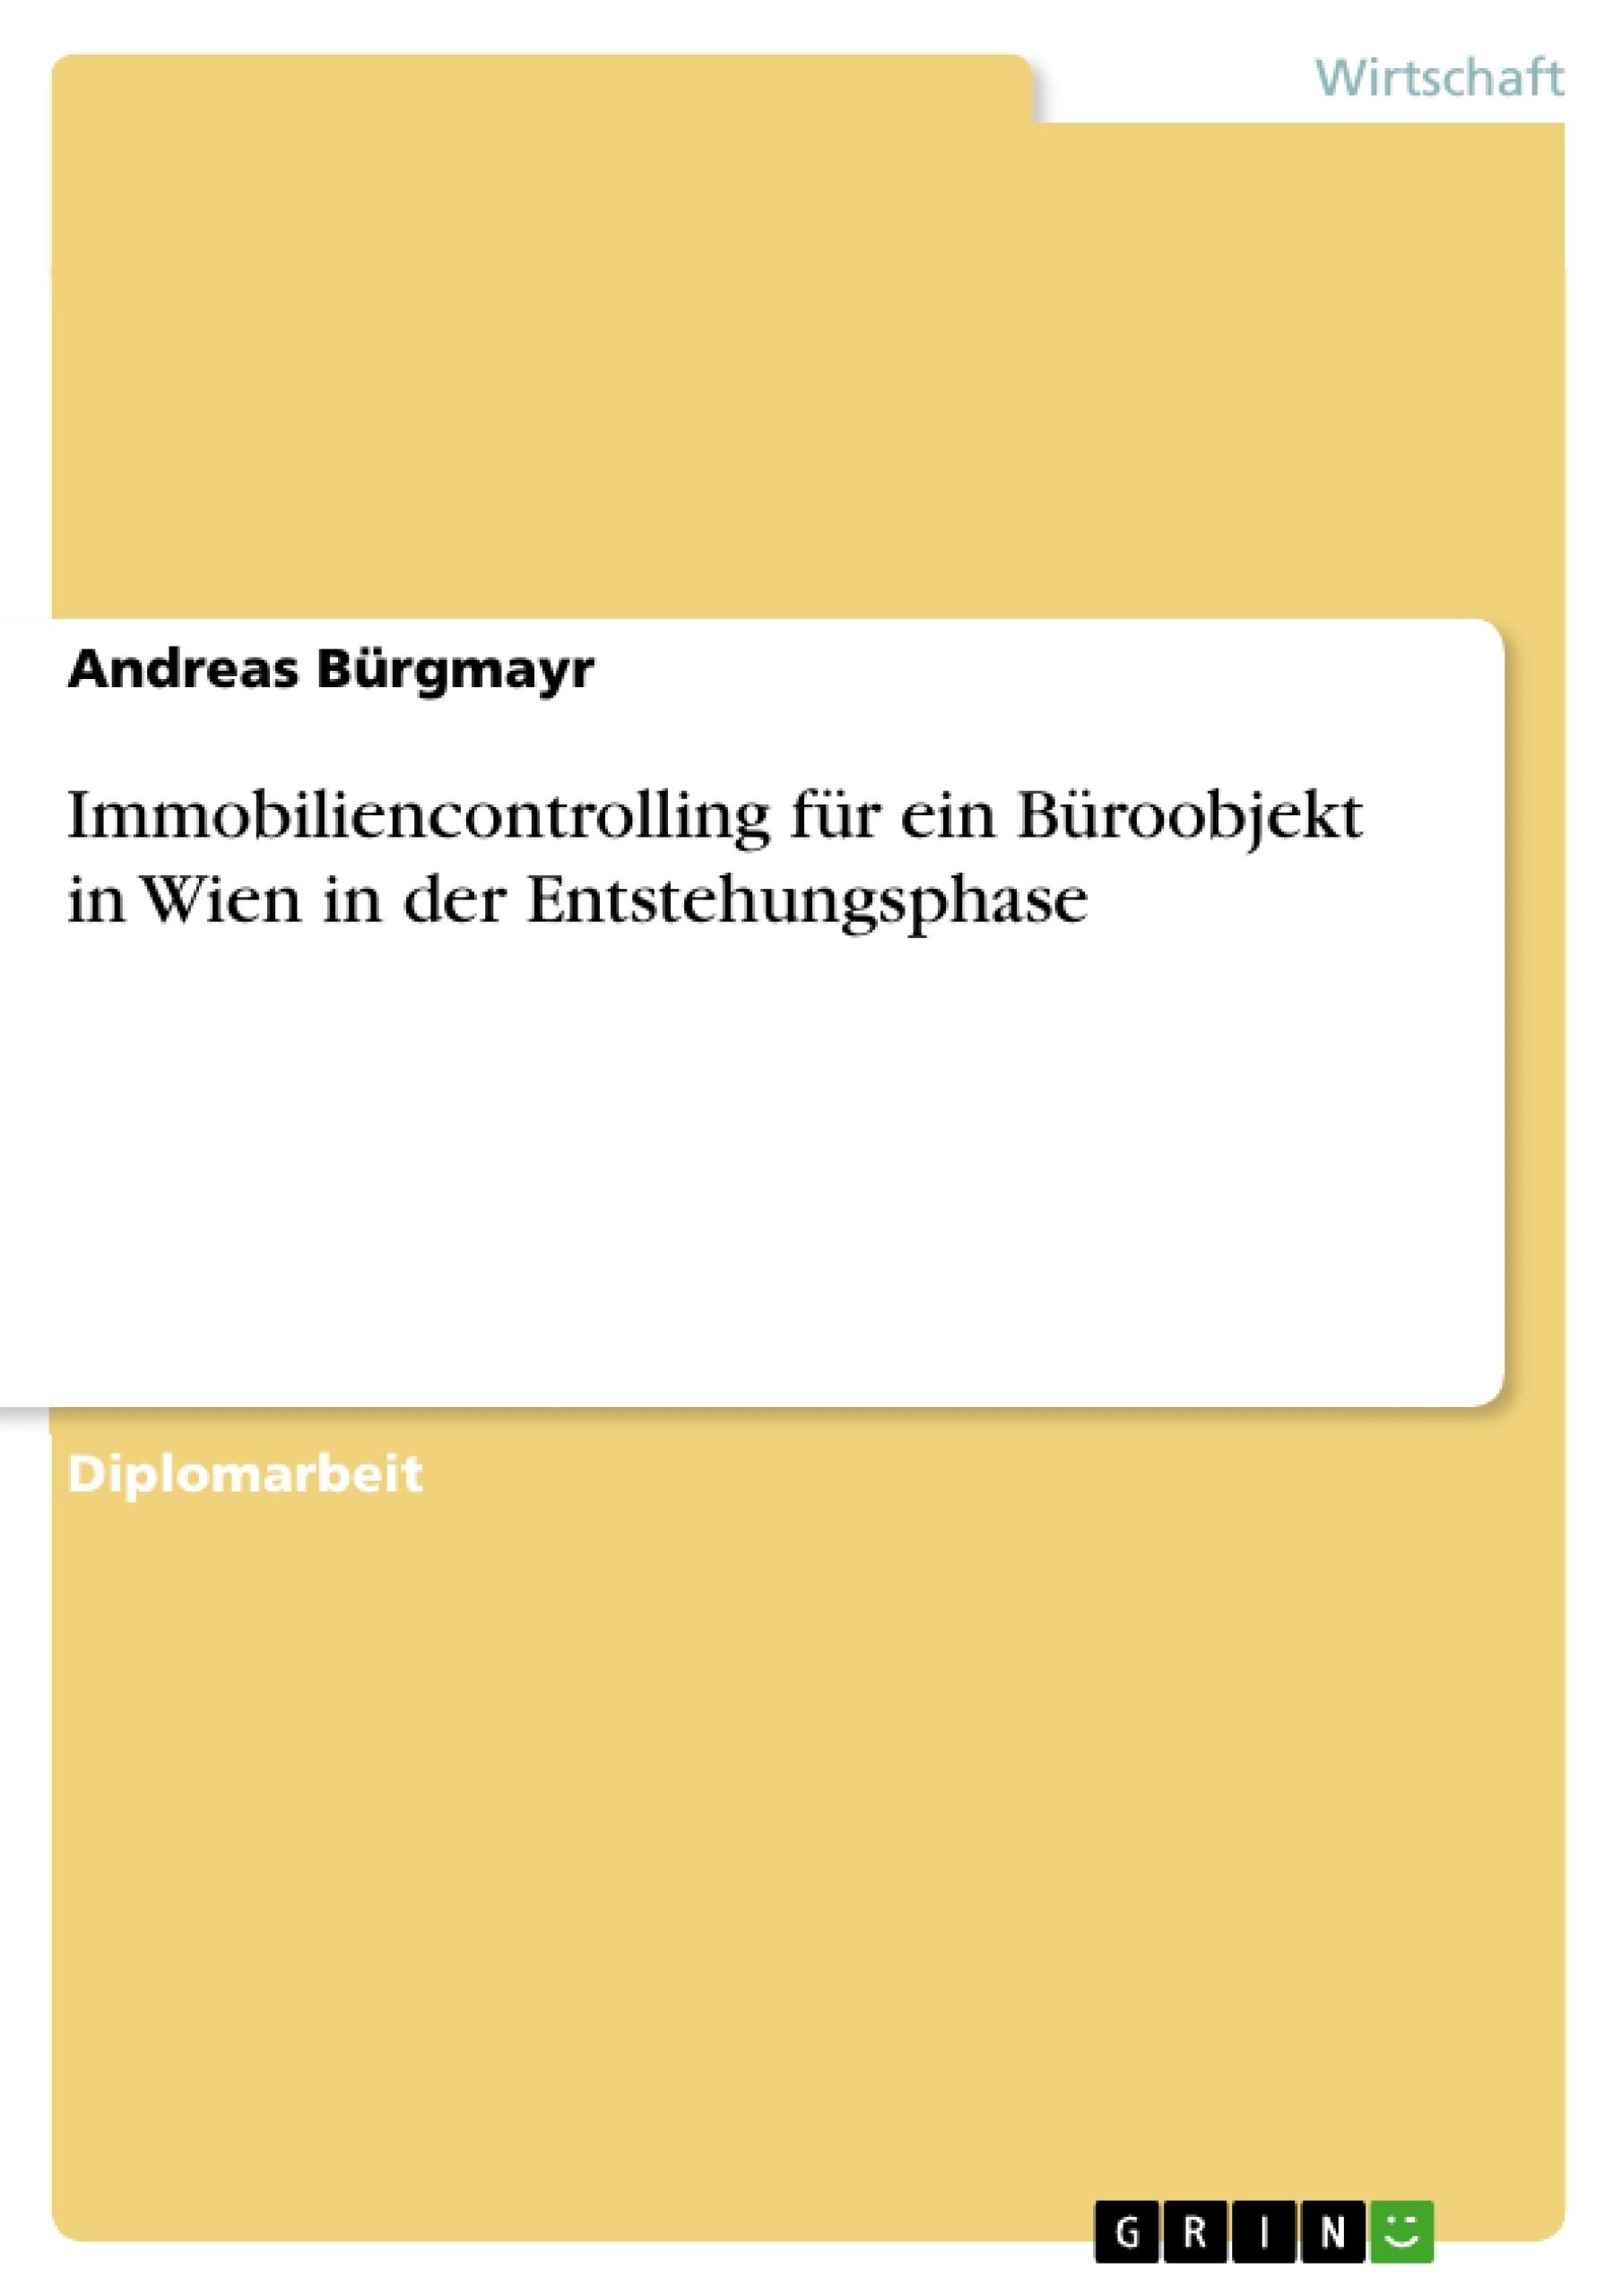 Titel: Immobiliencontrolling für ein Büroobjekt in Wien in der Entstehungsphase